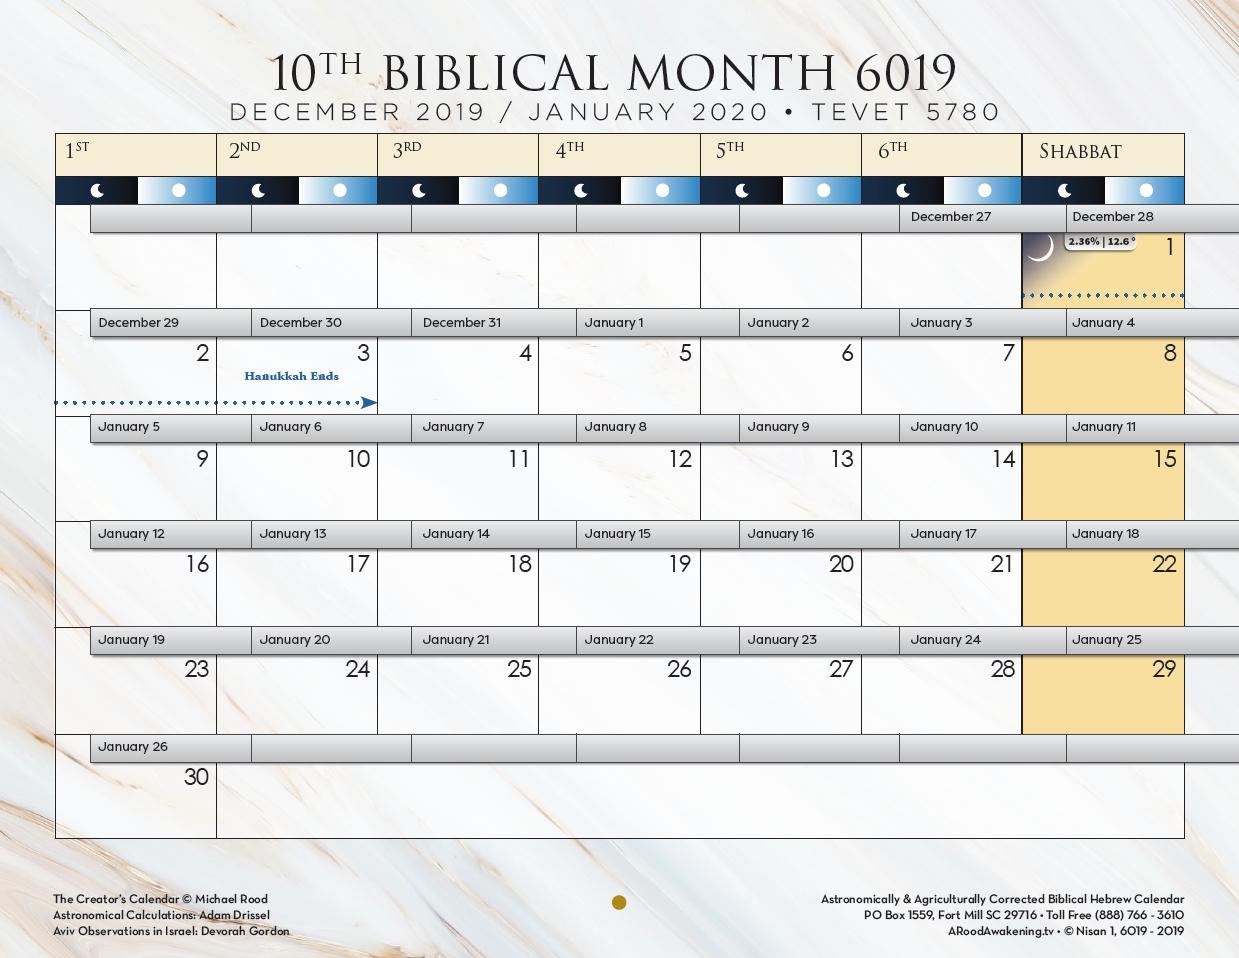 Biblical Calendar | A Rood Awakening! International throughout A Rood Awakening Calendar